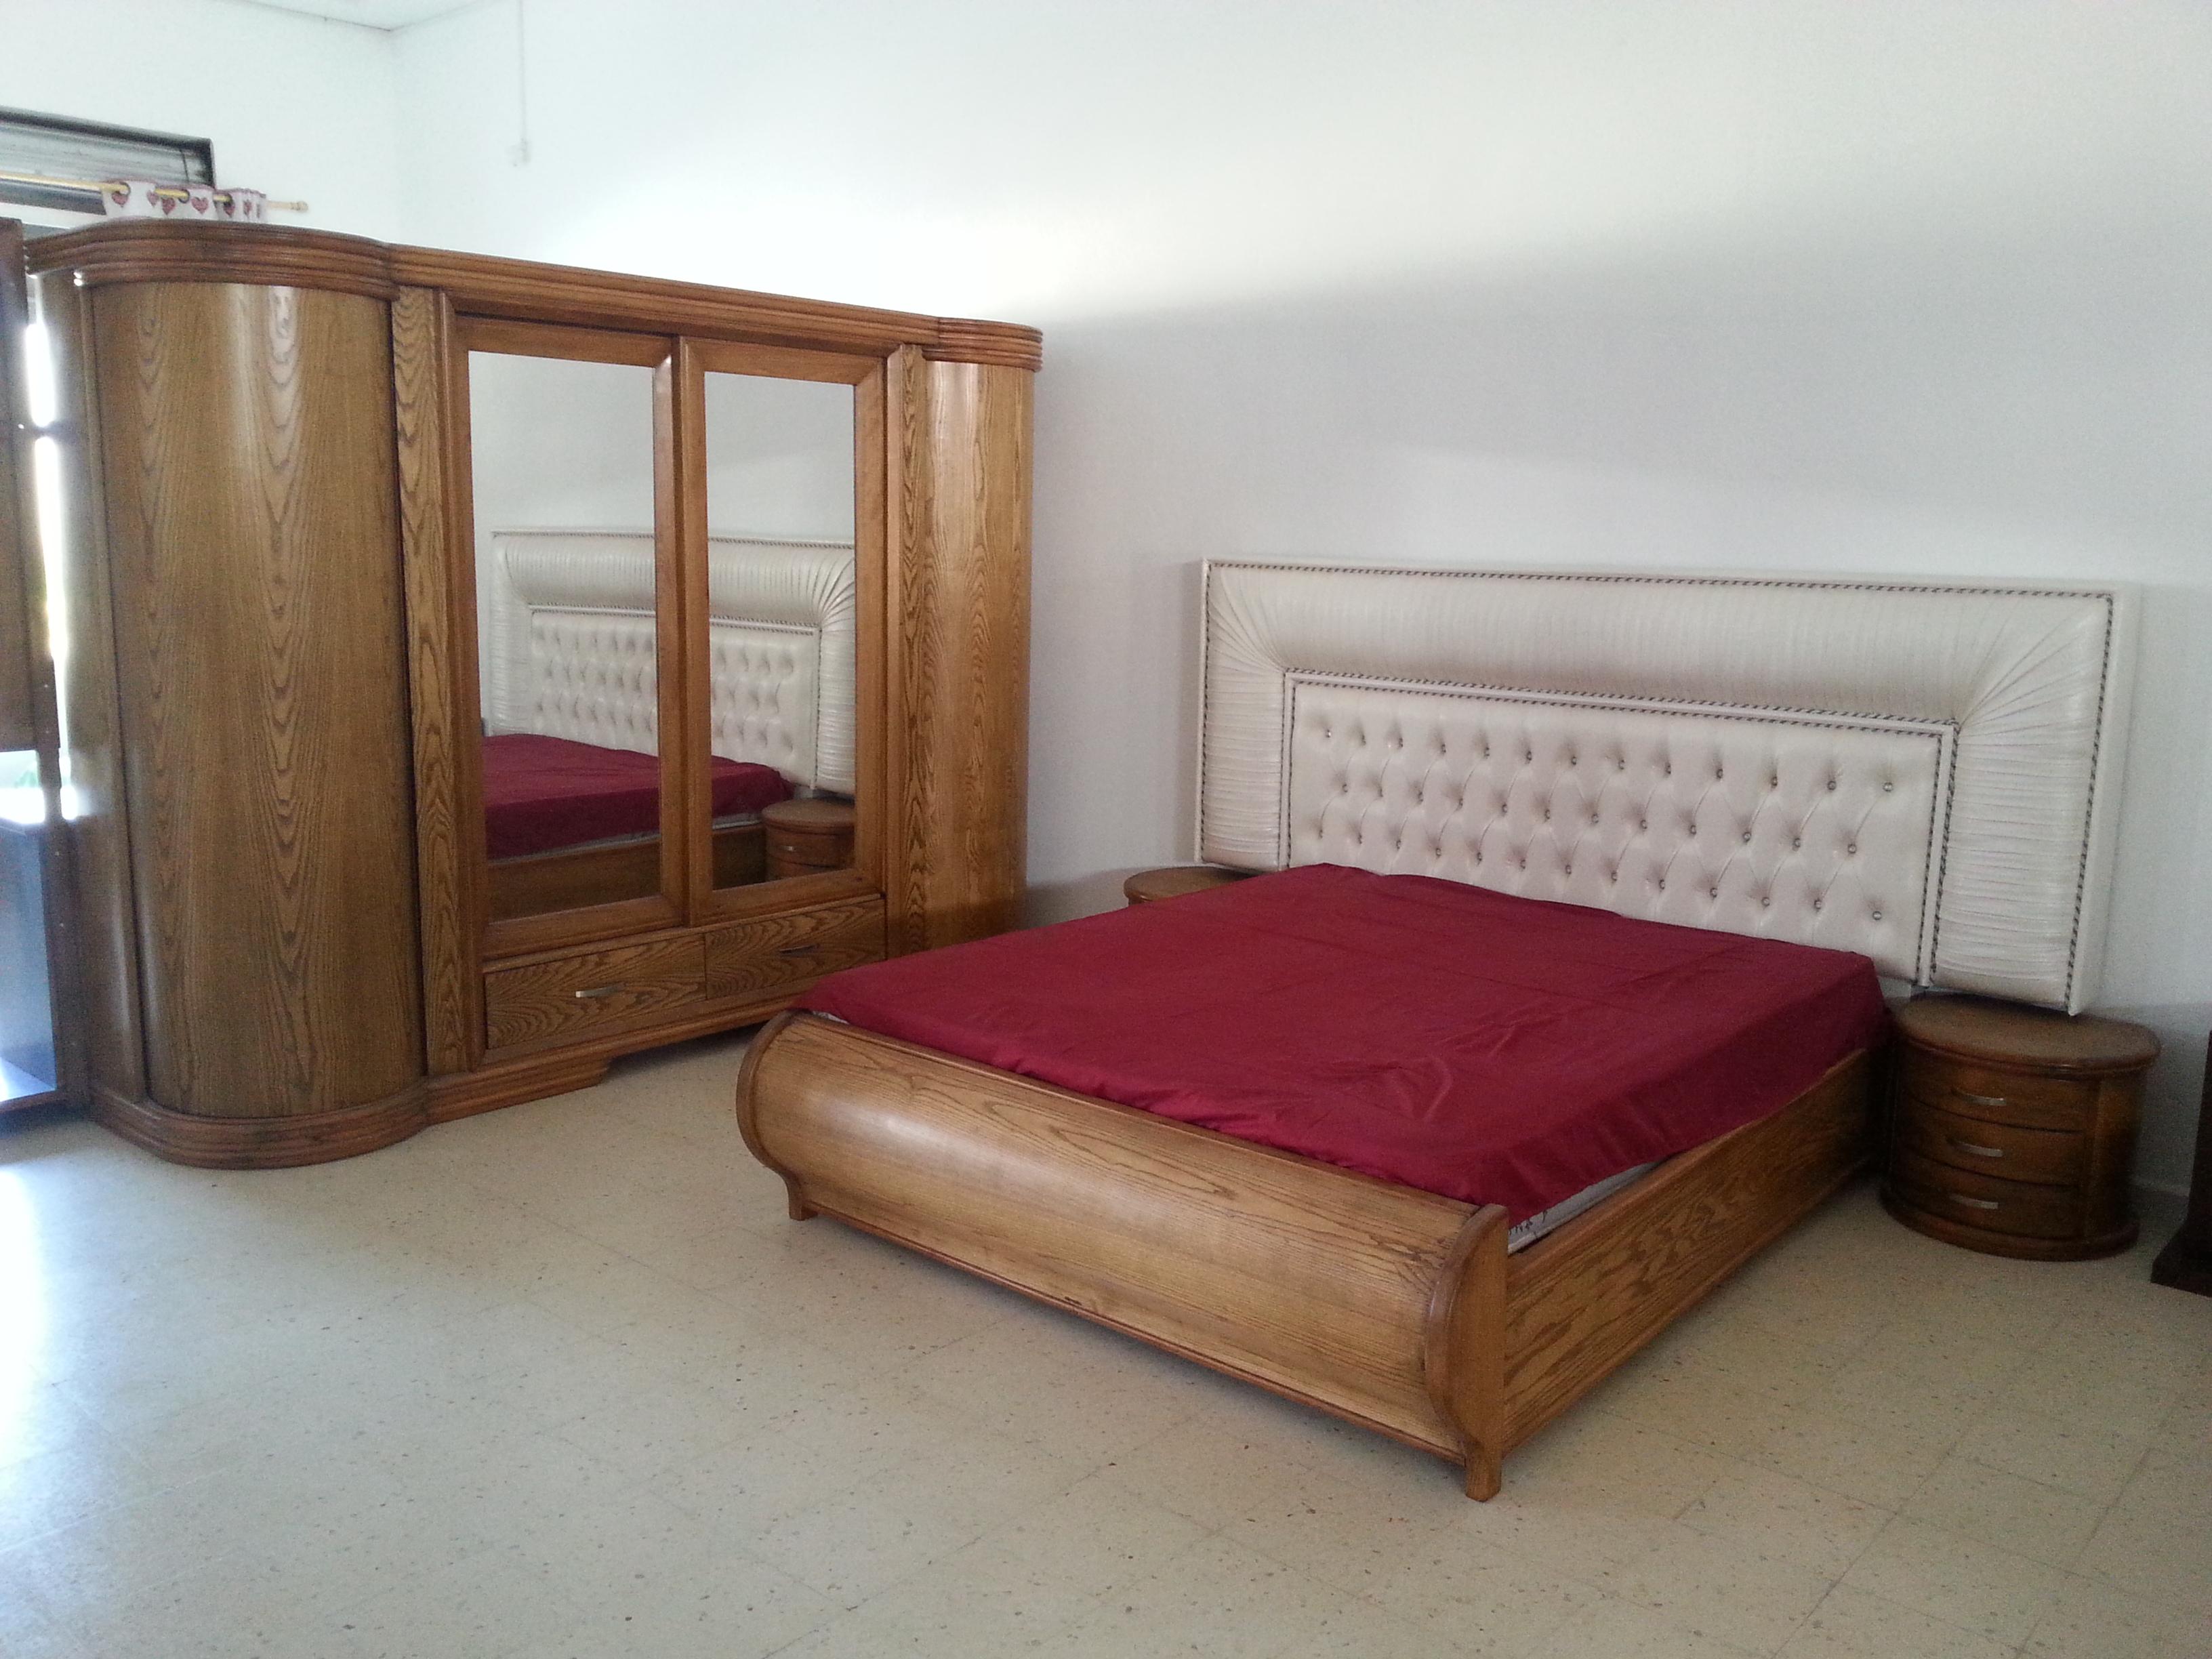 Double Rond - Meubles et décoration Tunisie